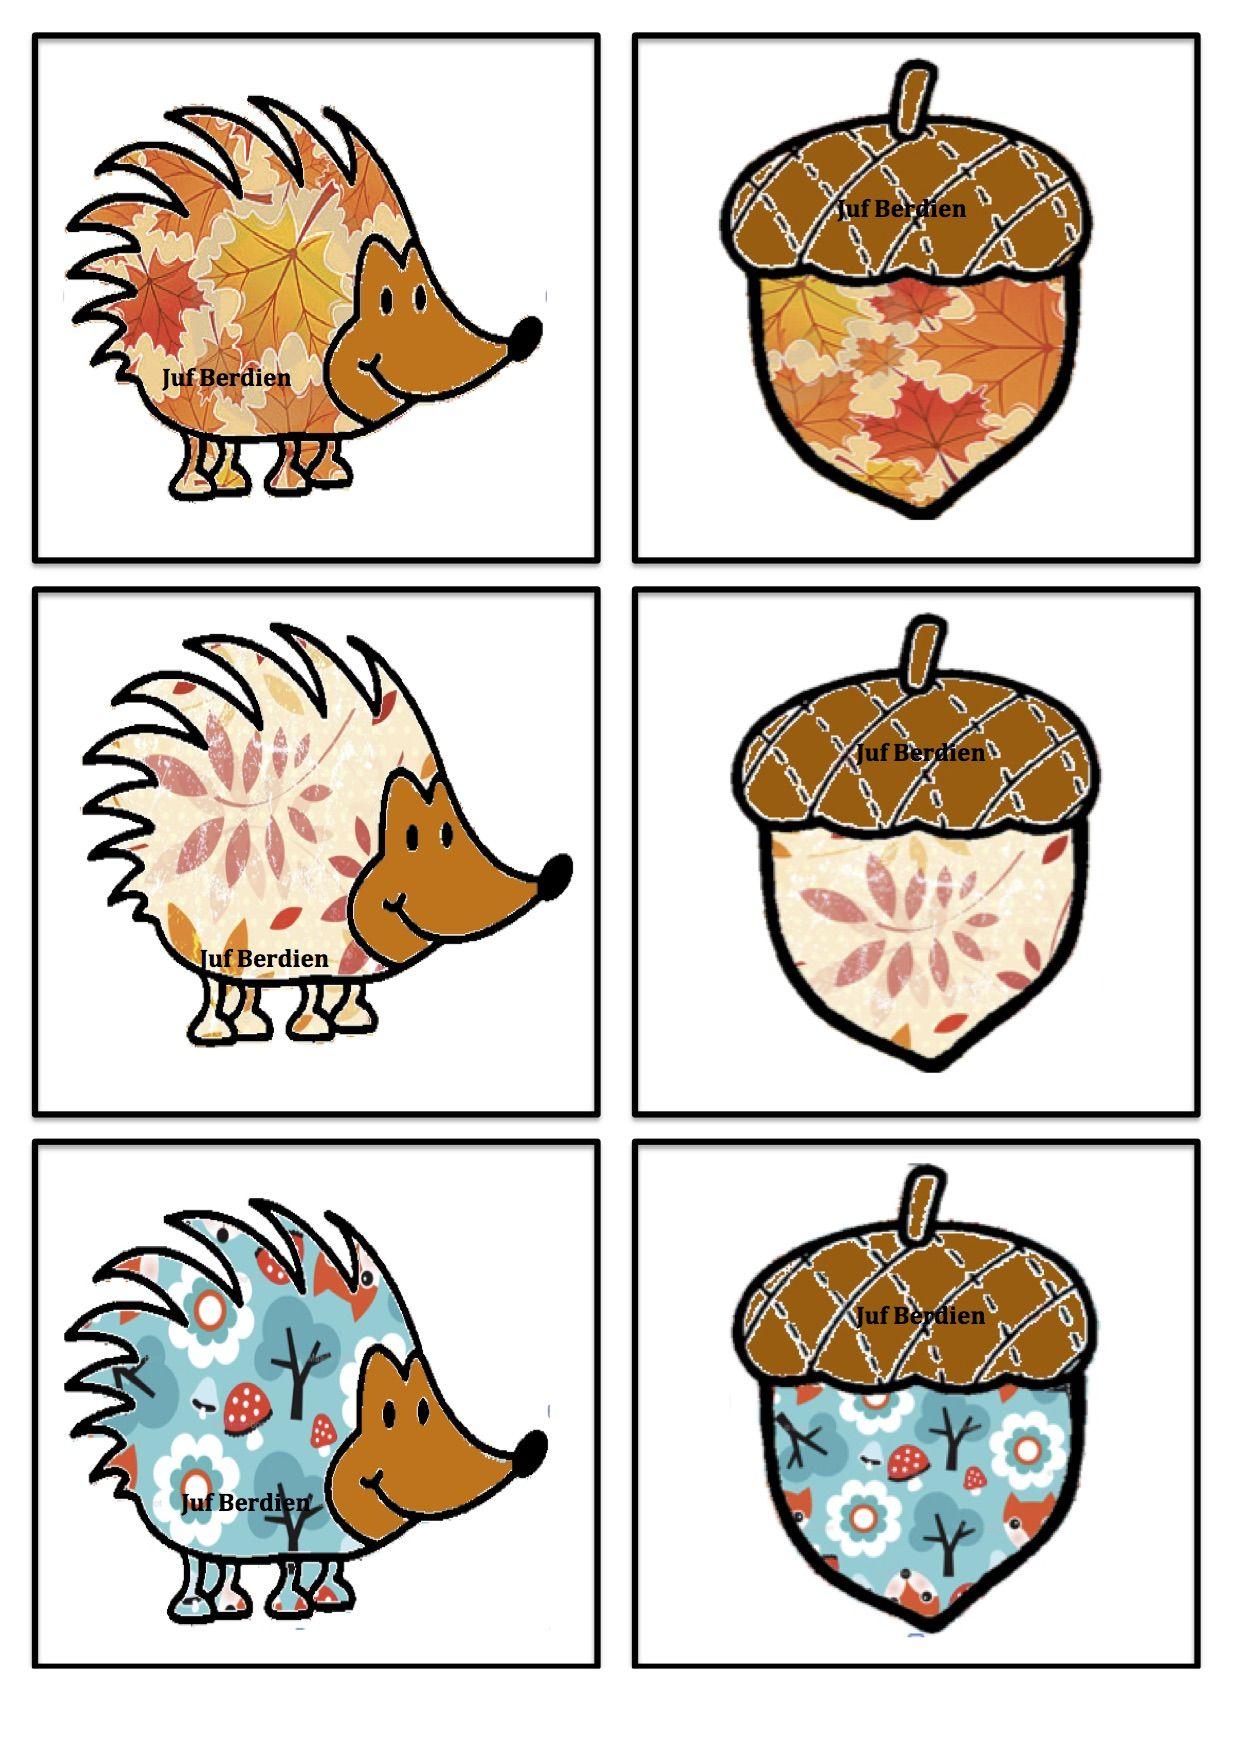 Quatang Gallery- Egel Memory 1 Juf Berdien Thema Herfst Herfstdieren Volledige Spel Facebookgroep Juf Berdien Egel Herfst Knutselen Patronen